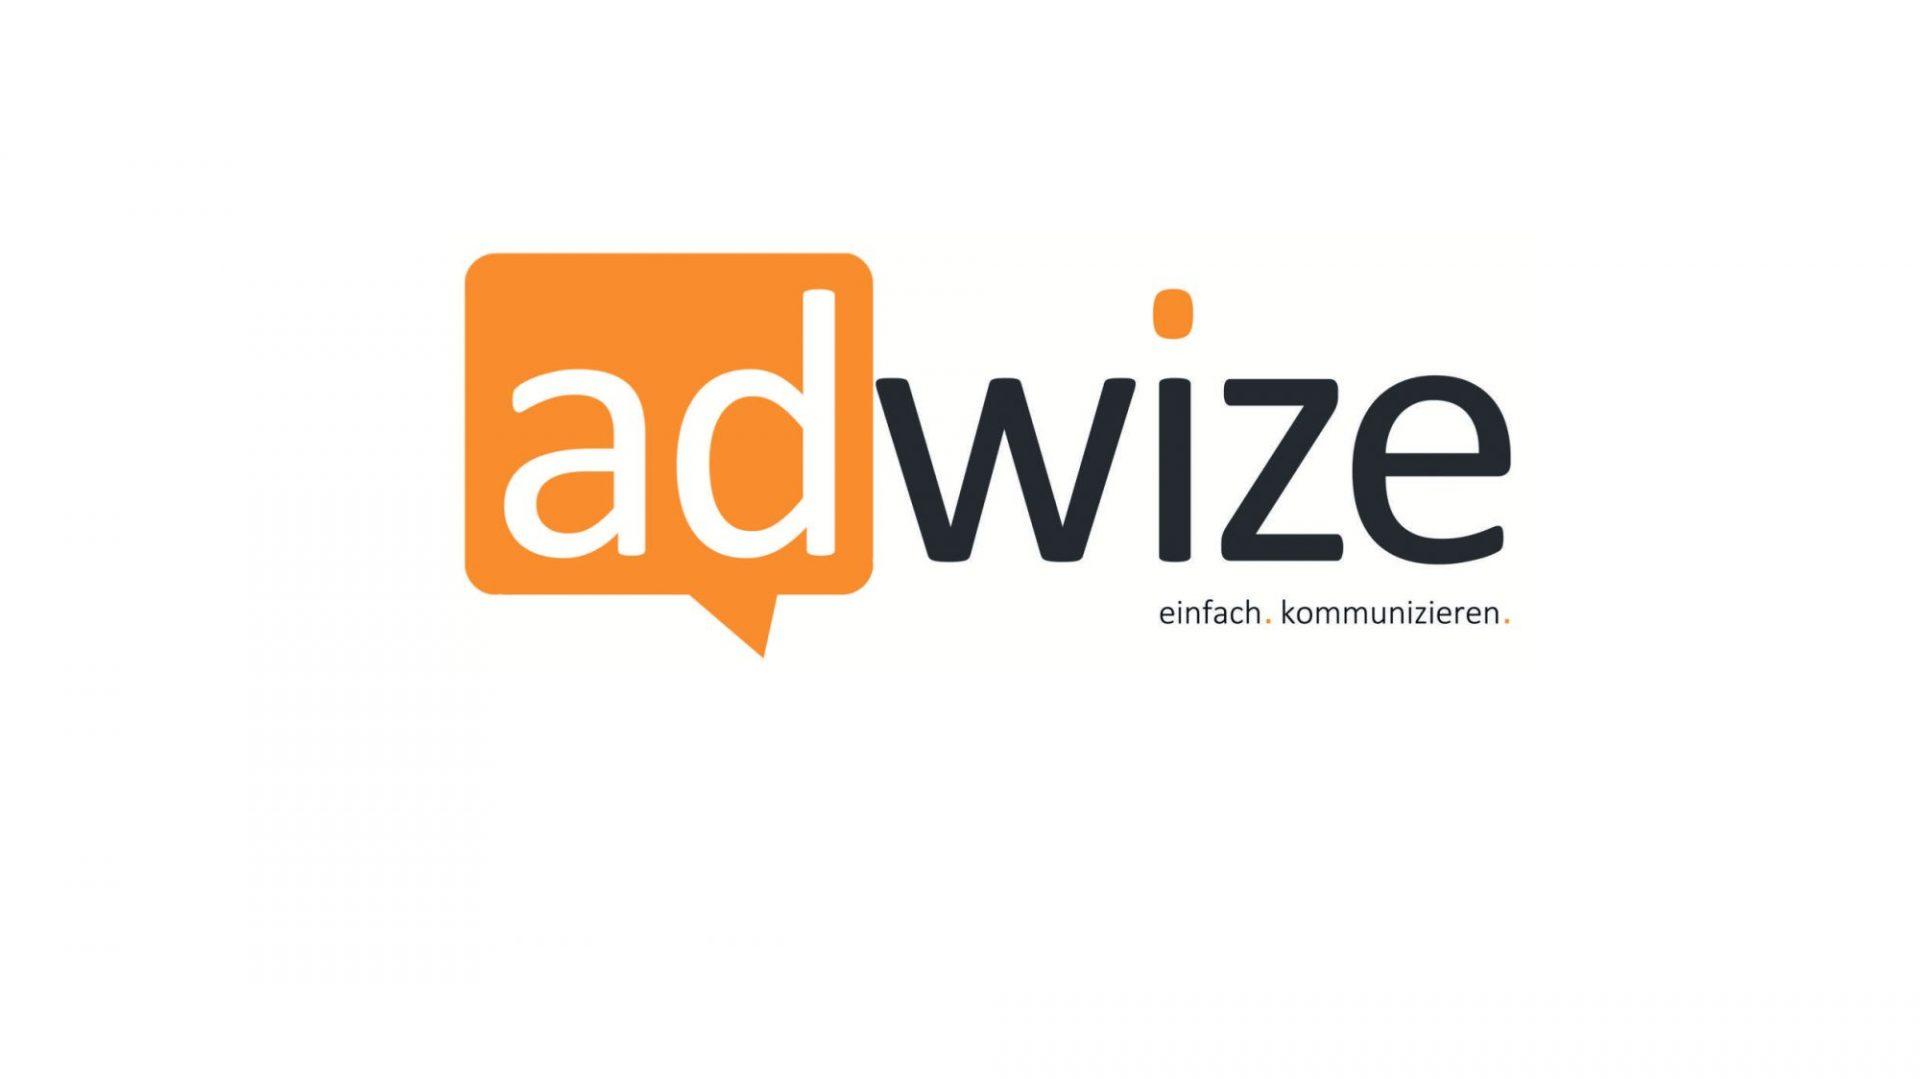 adwize